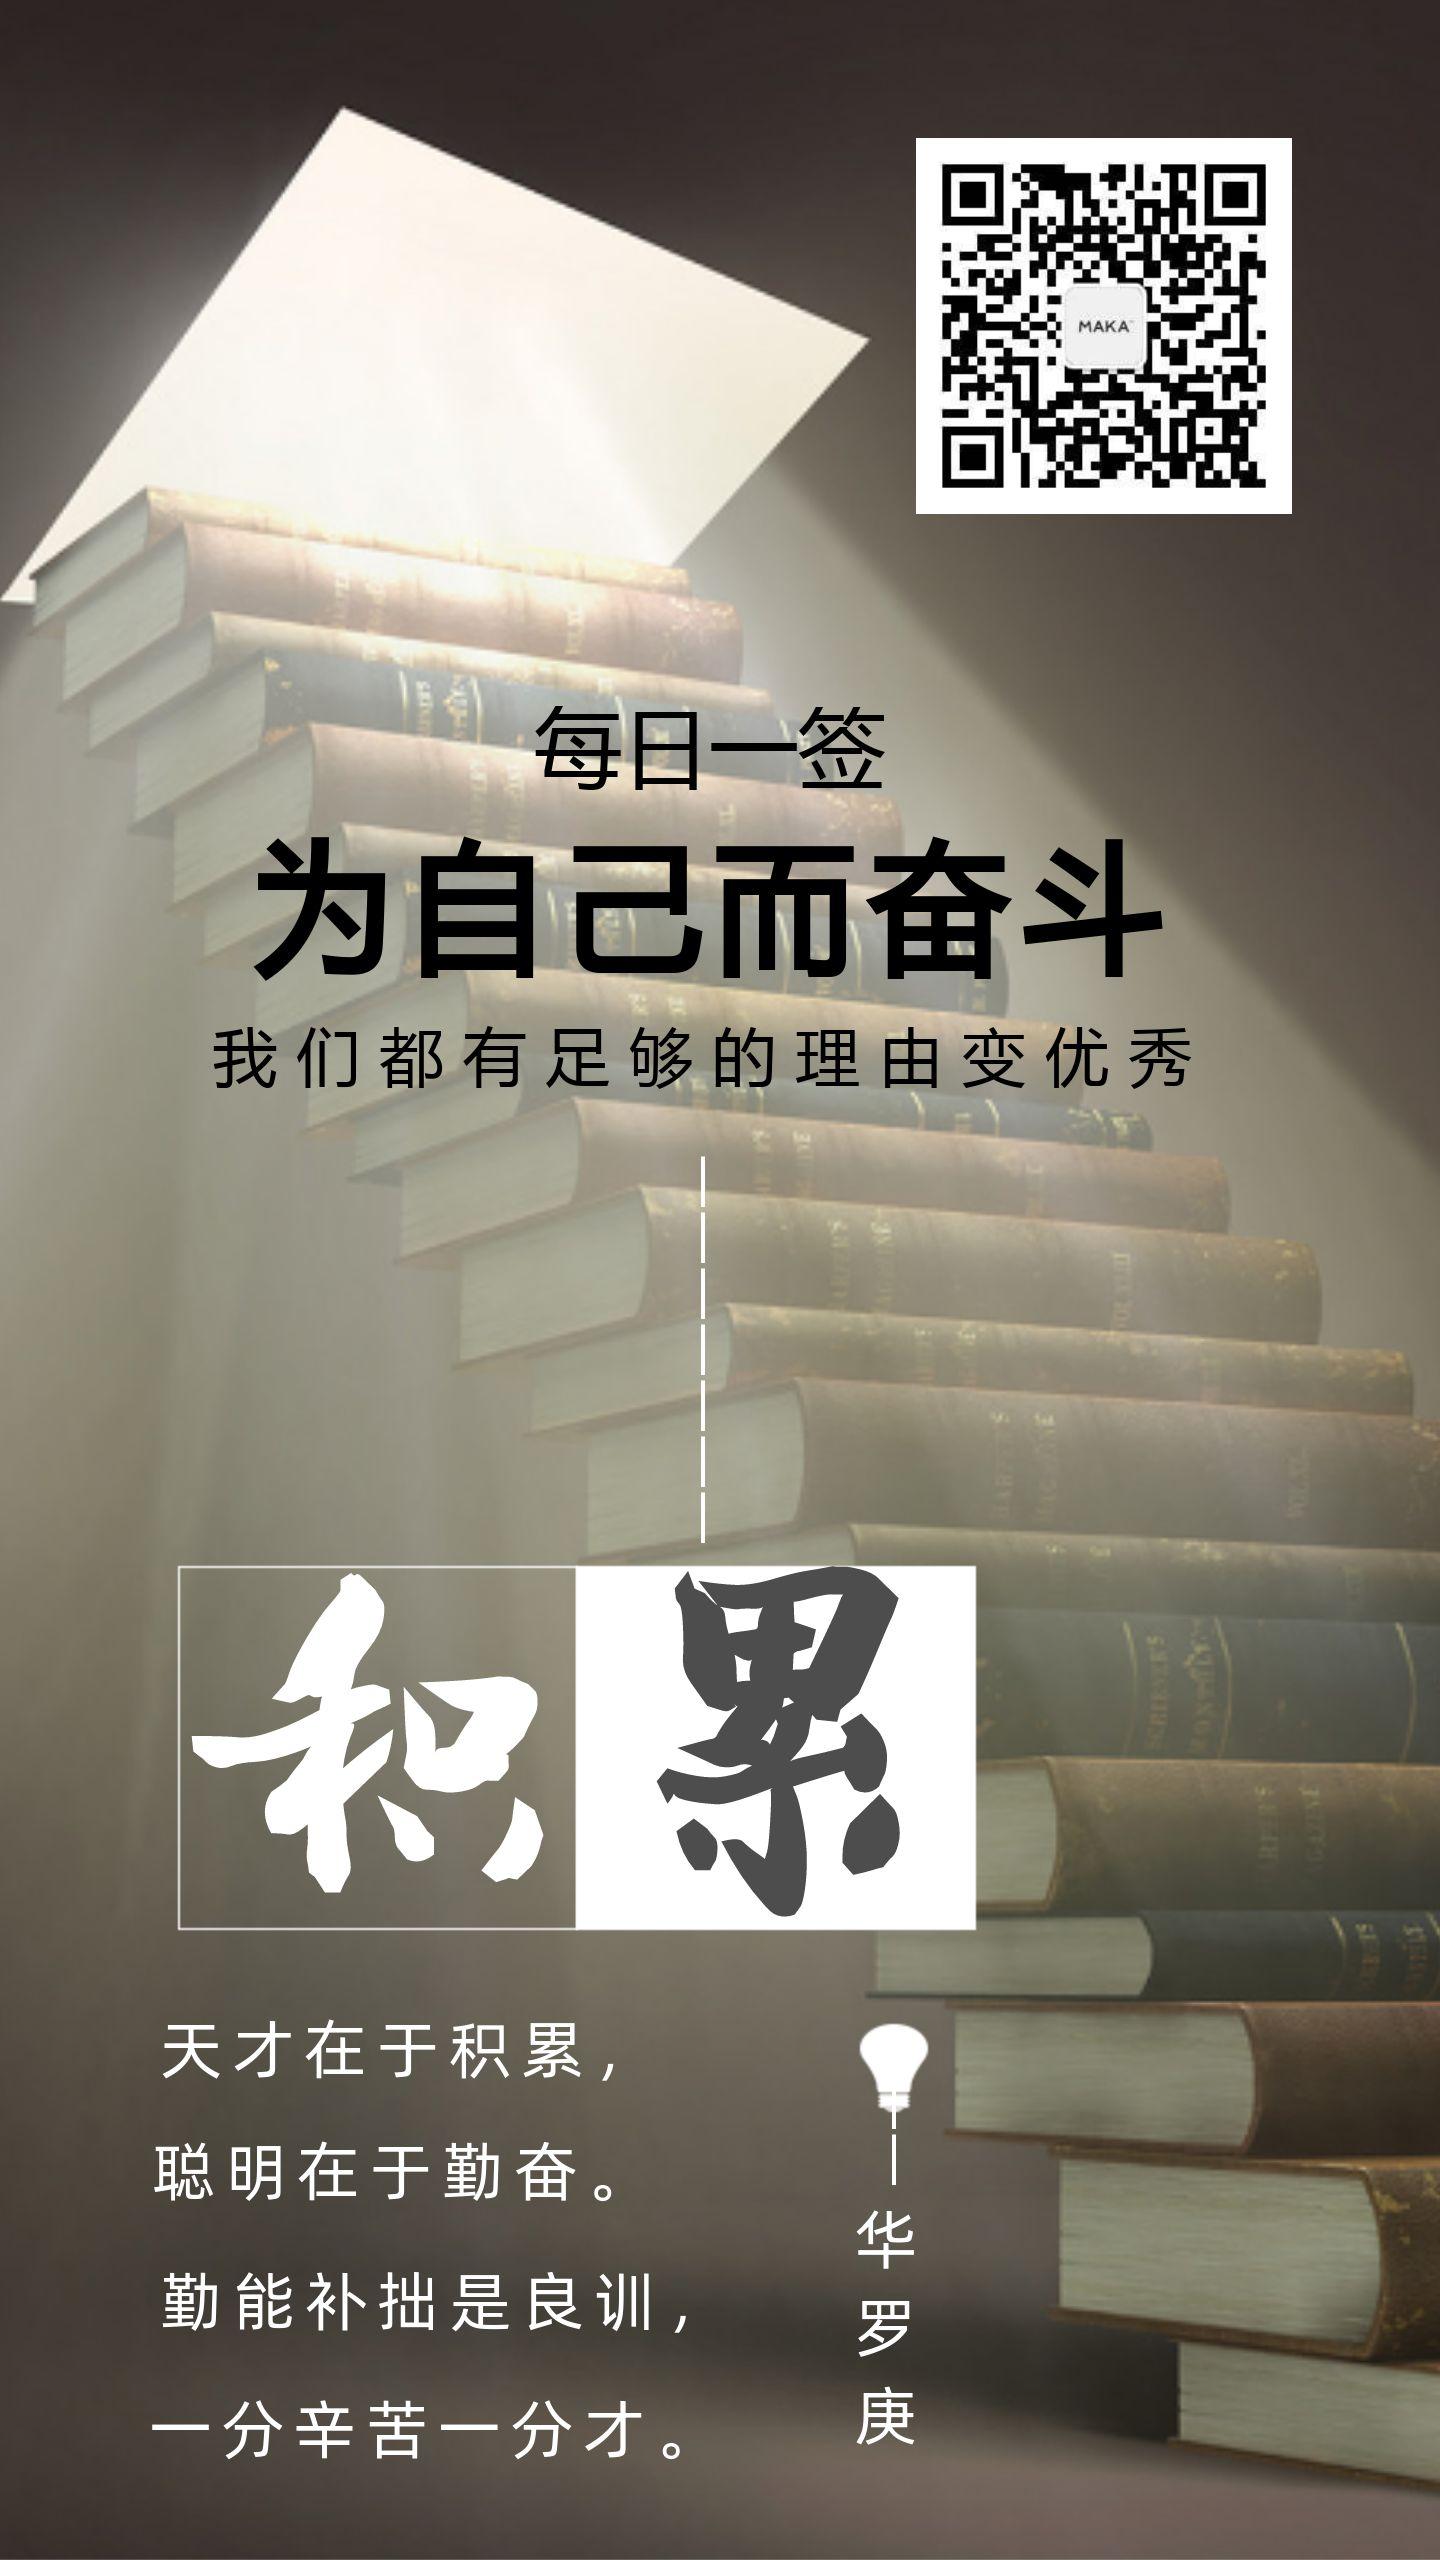 文艺清新奋斗日签手机海报